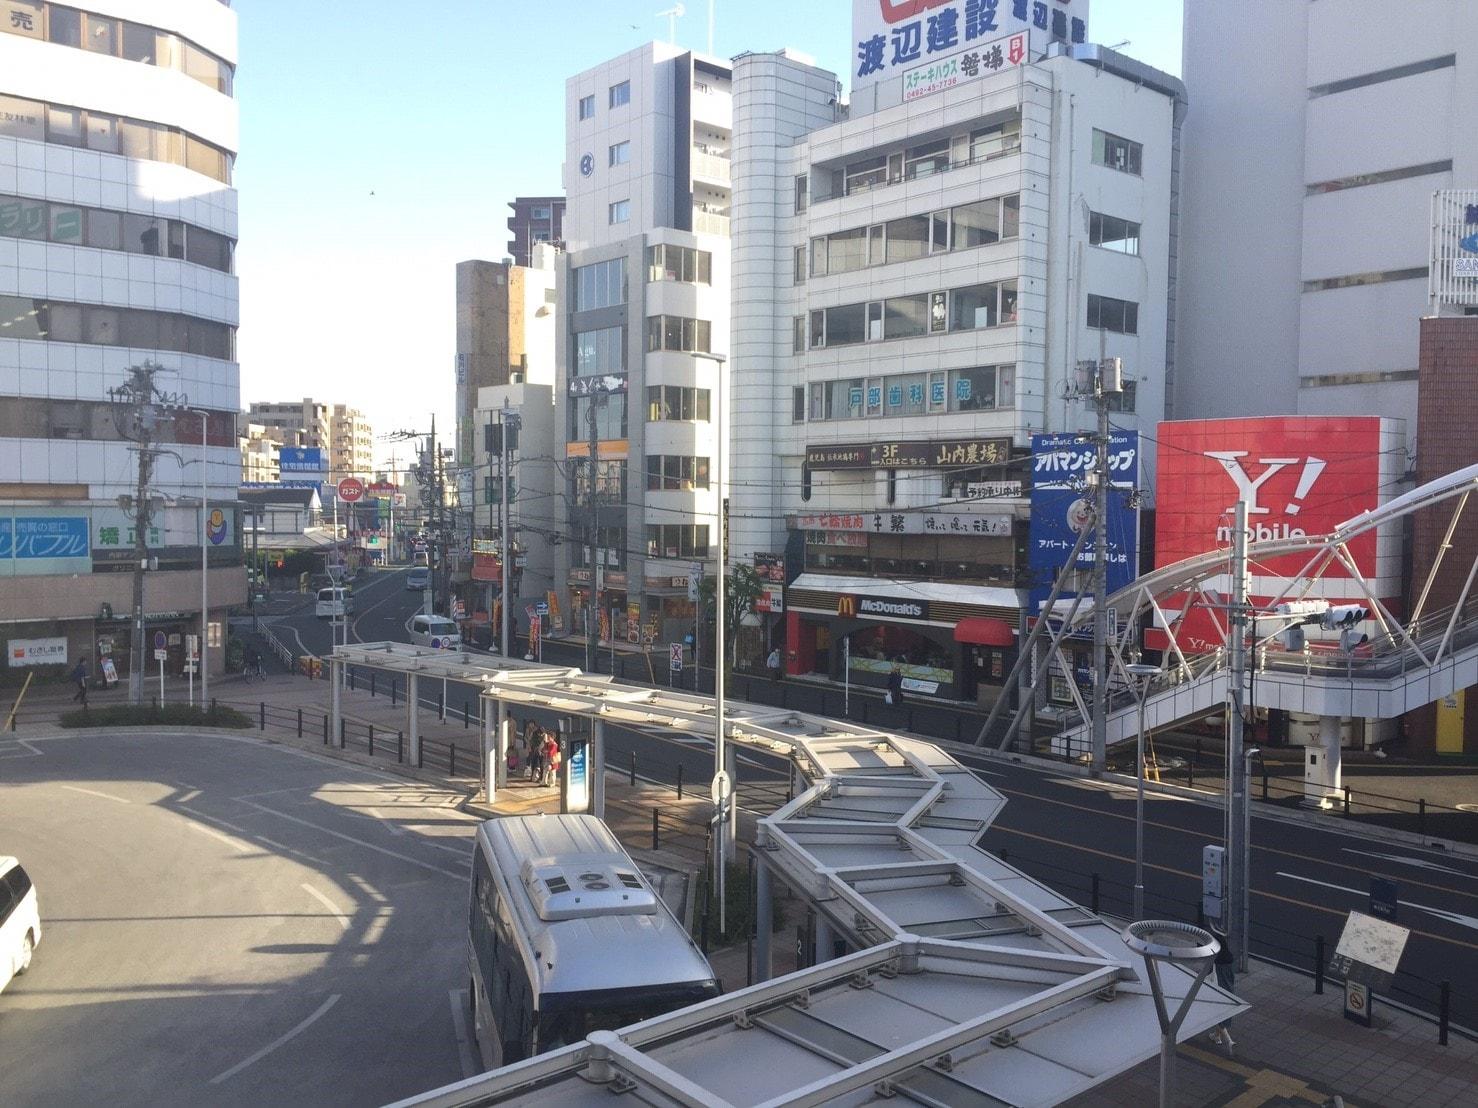 ビルやロータリーがある駅前の風景